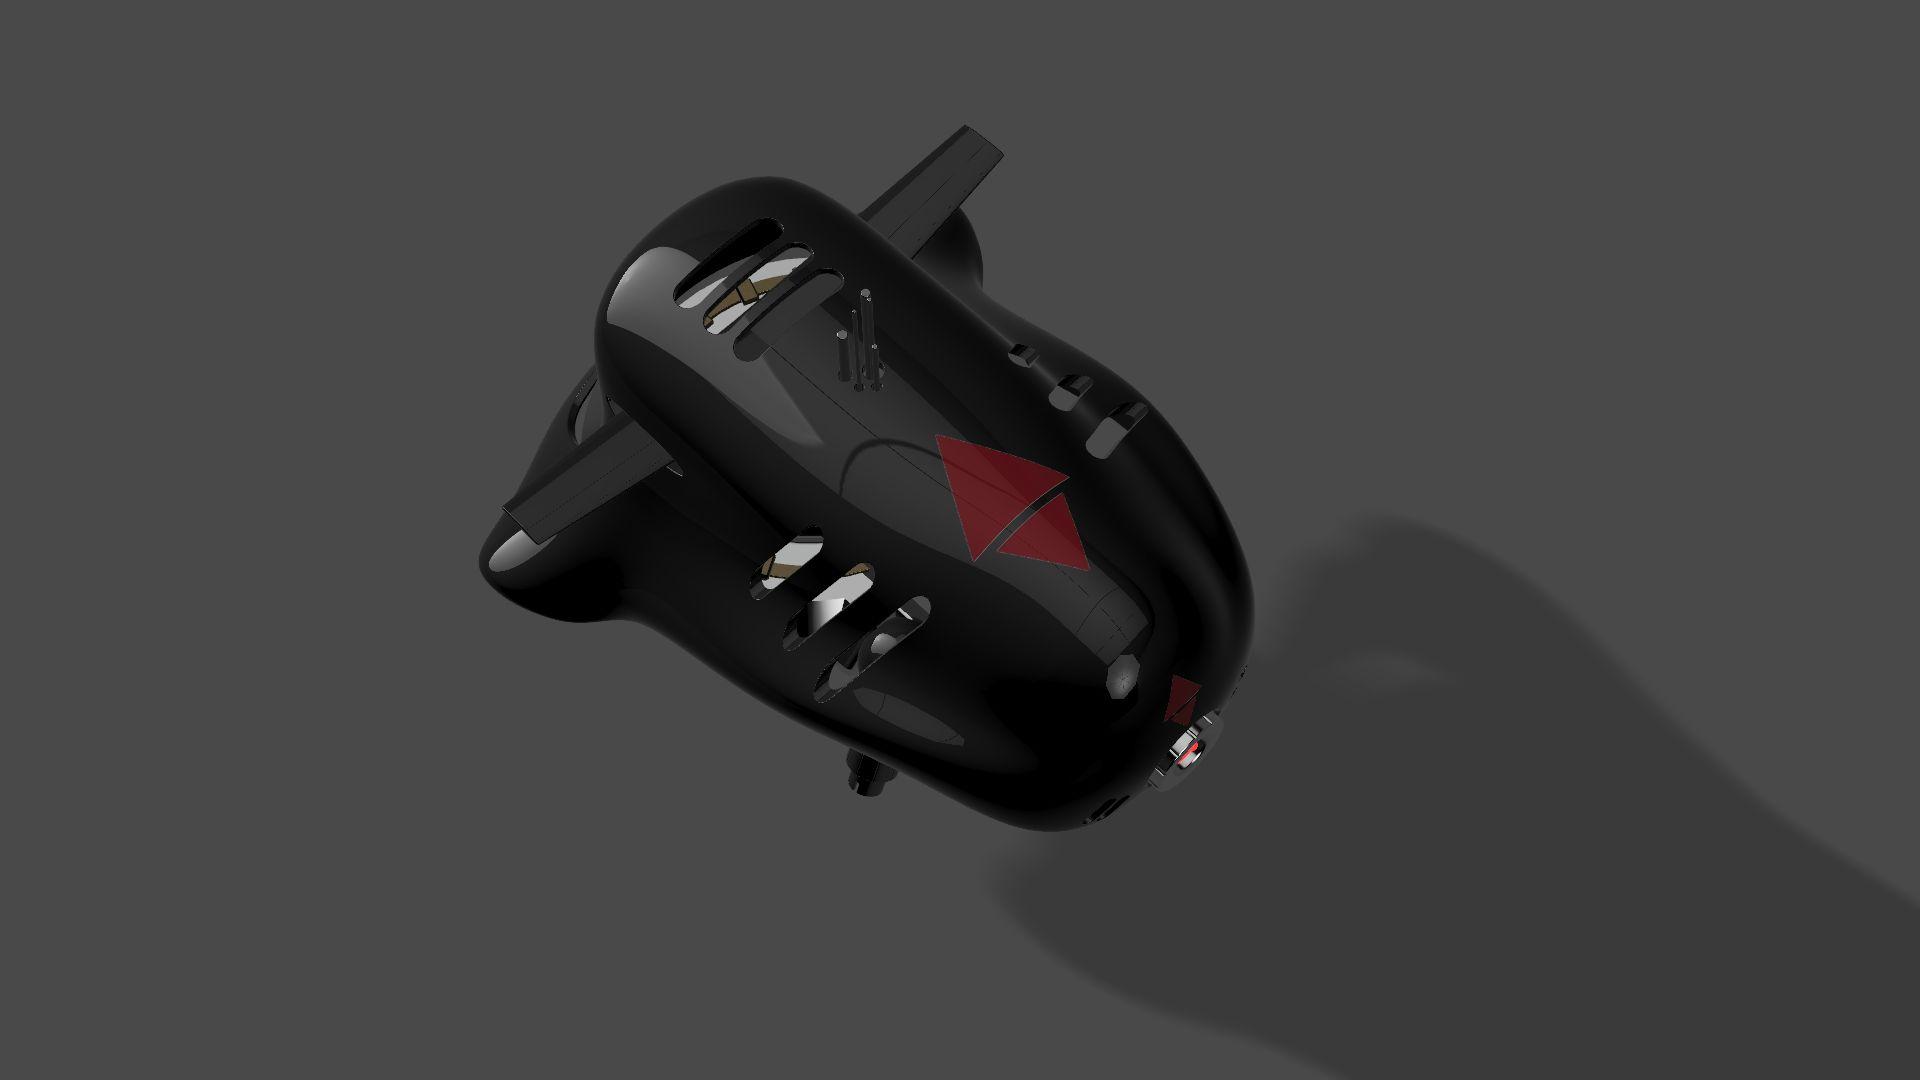 Drone-2-3500-3500